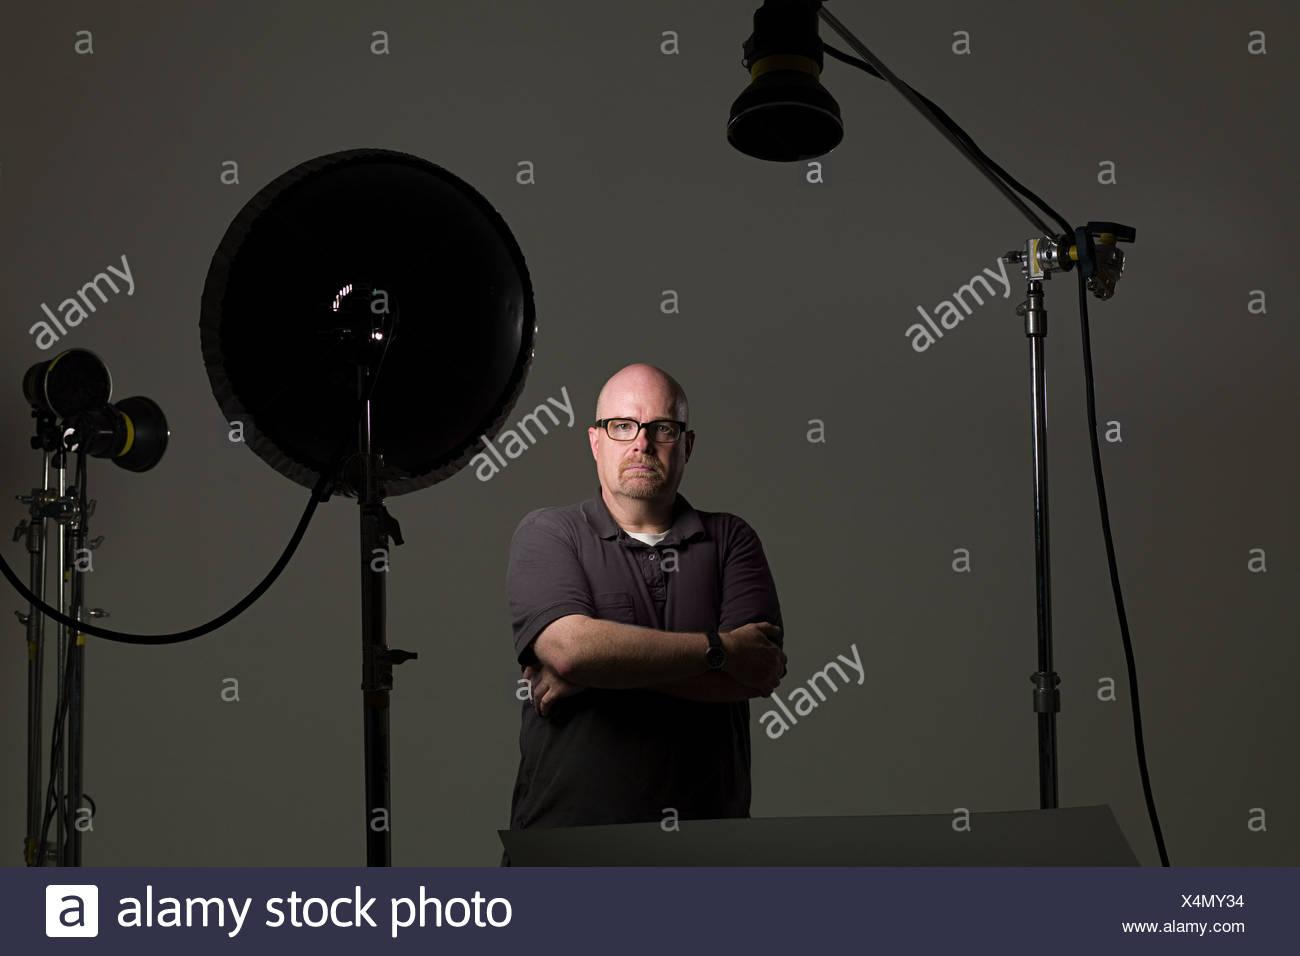 Portrait d'un homme à côté de l'équipement photographique Photo Stock